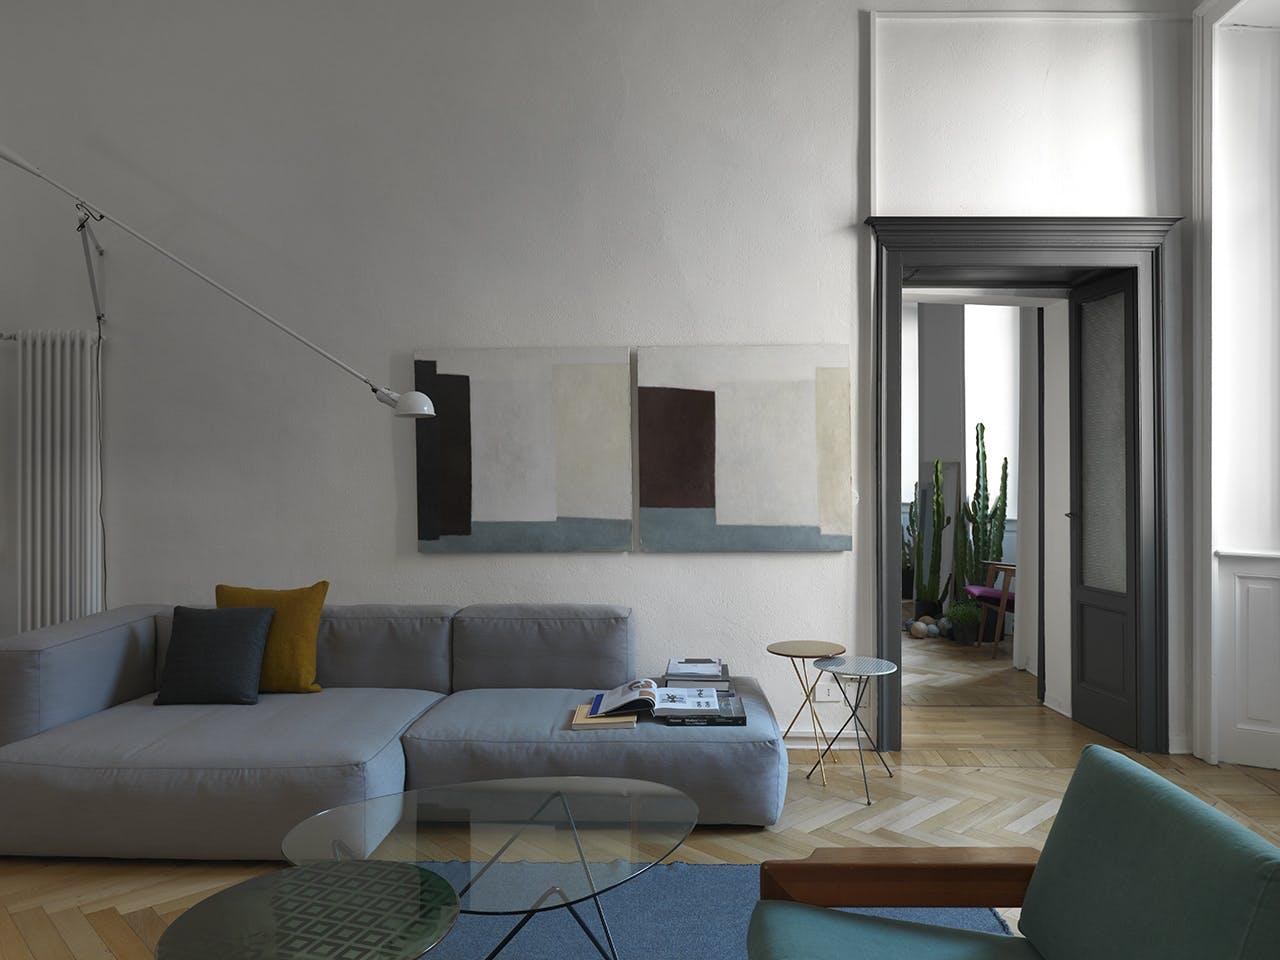 bolig indretning dansk design stue sofa